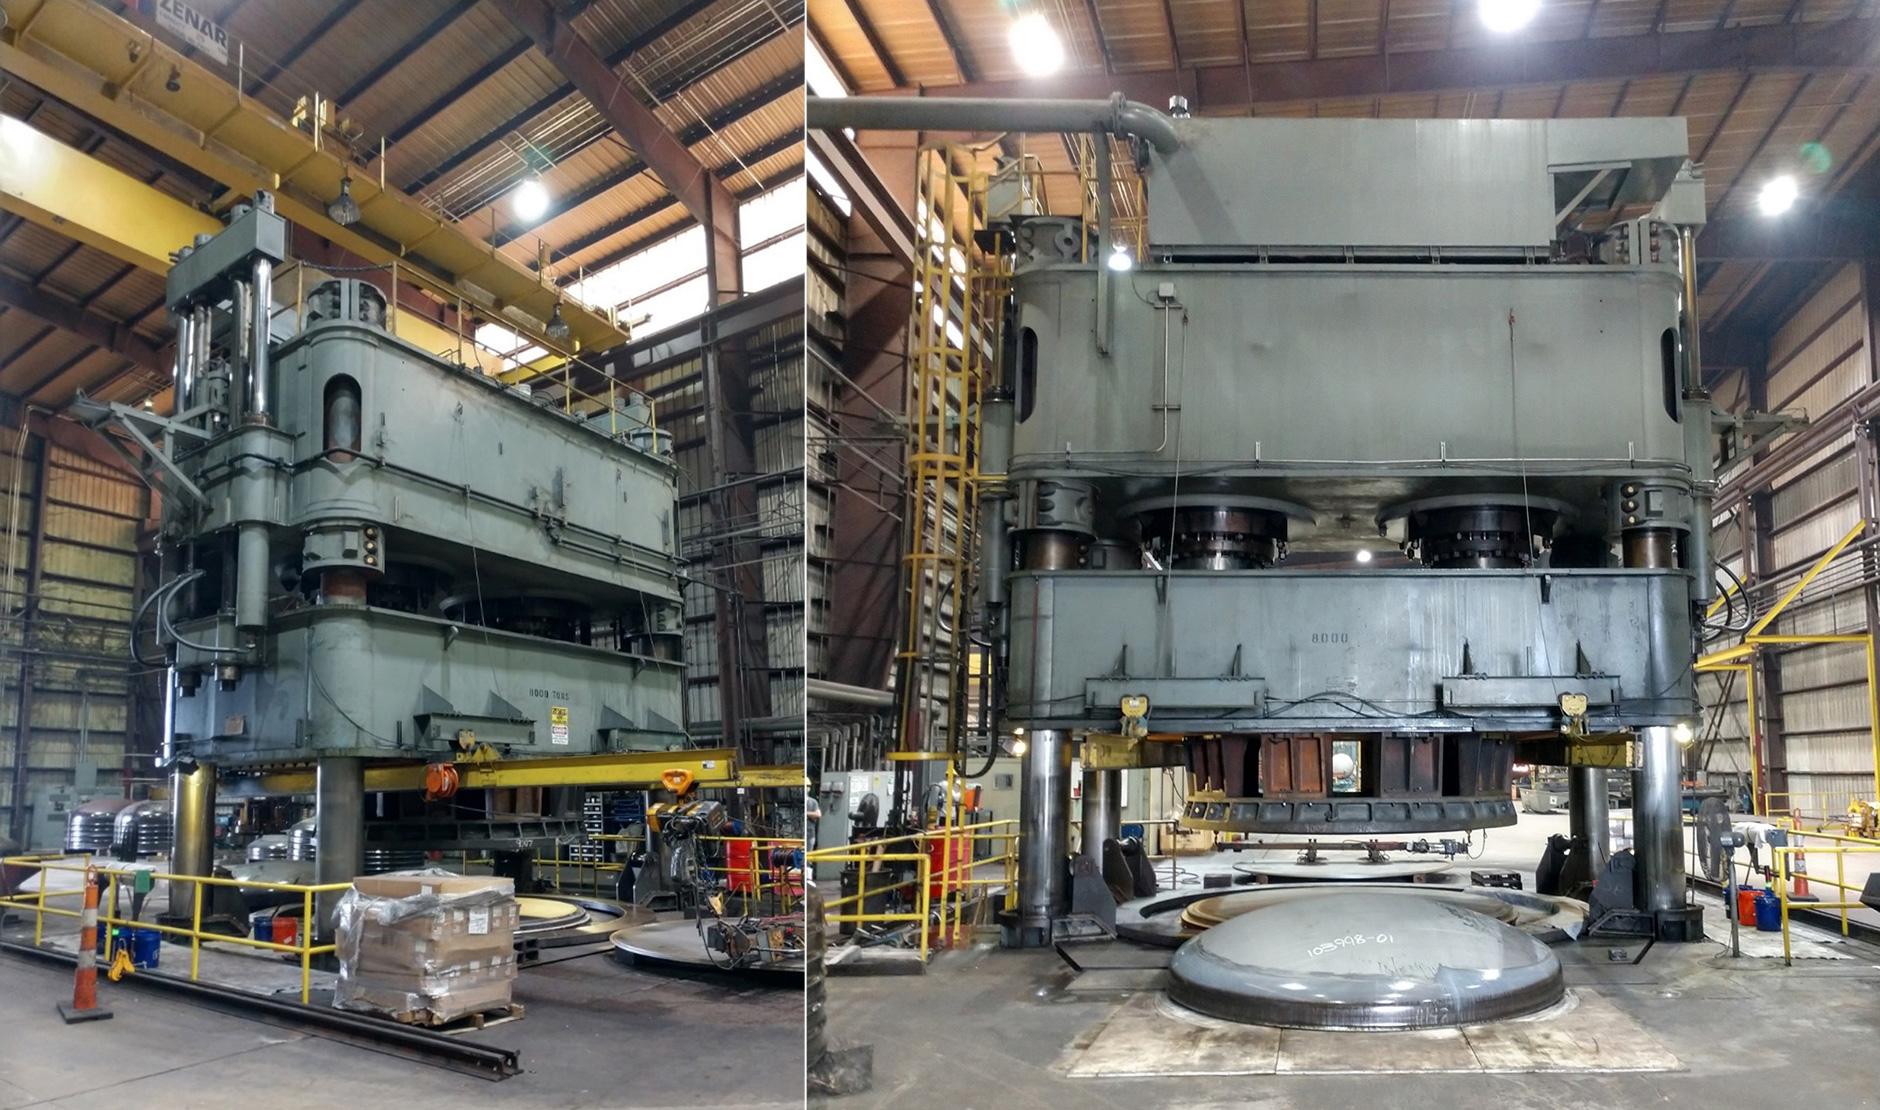 新工場に移設された「Hokkai Head Press」